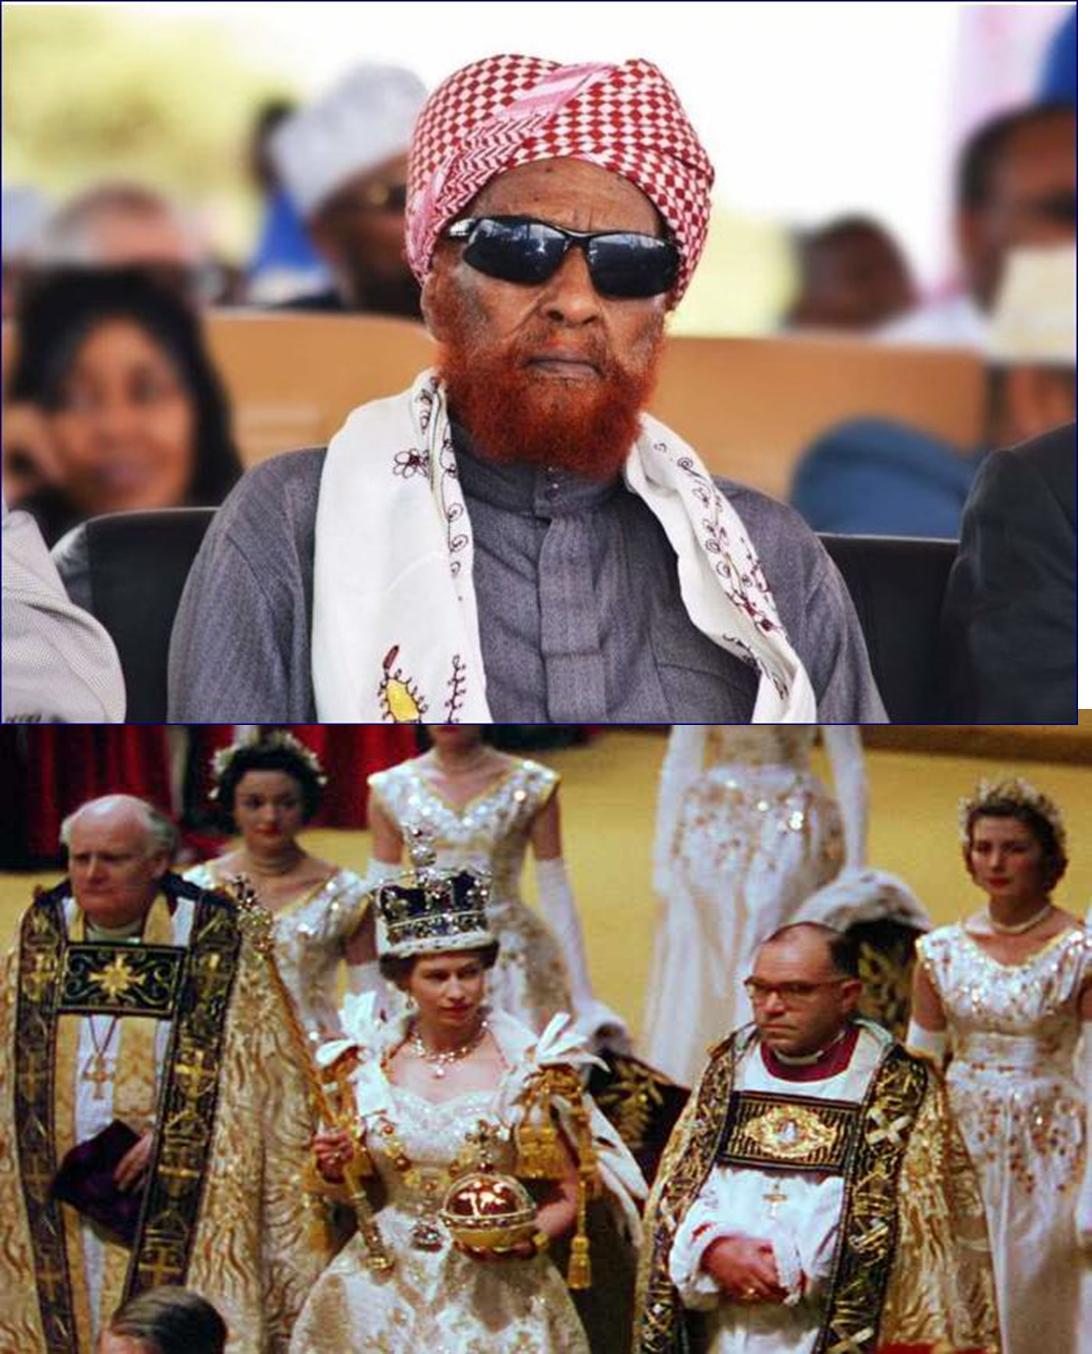 Warbaahinta Caalamku Siday Uga Hadashay Geerida Xaajigii Ugu Da'da Weynaa Somaliland